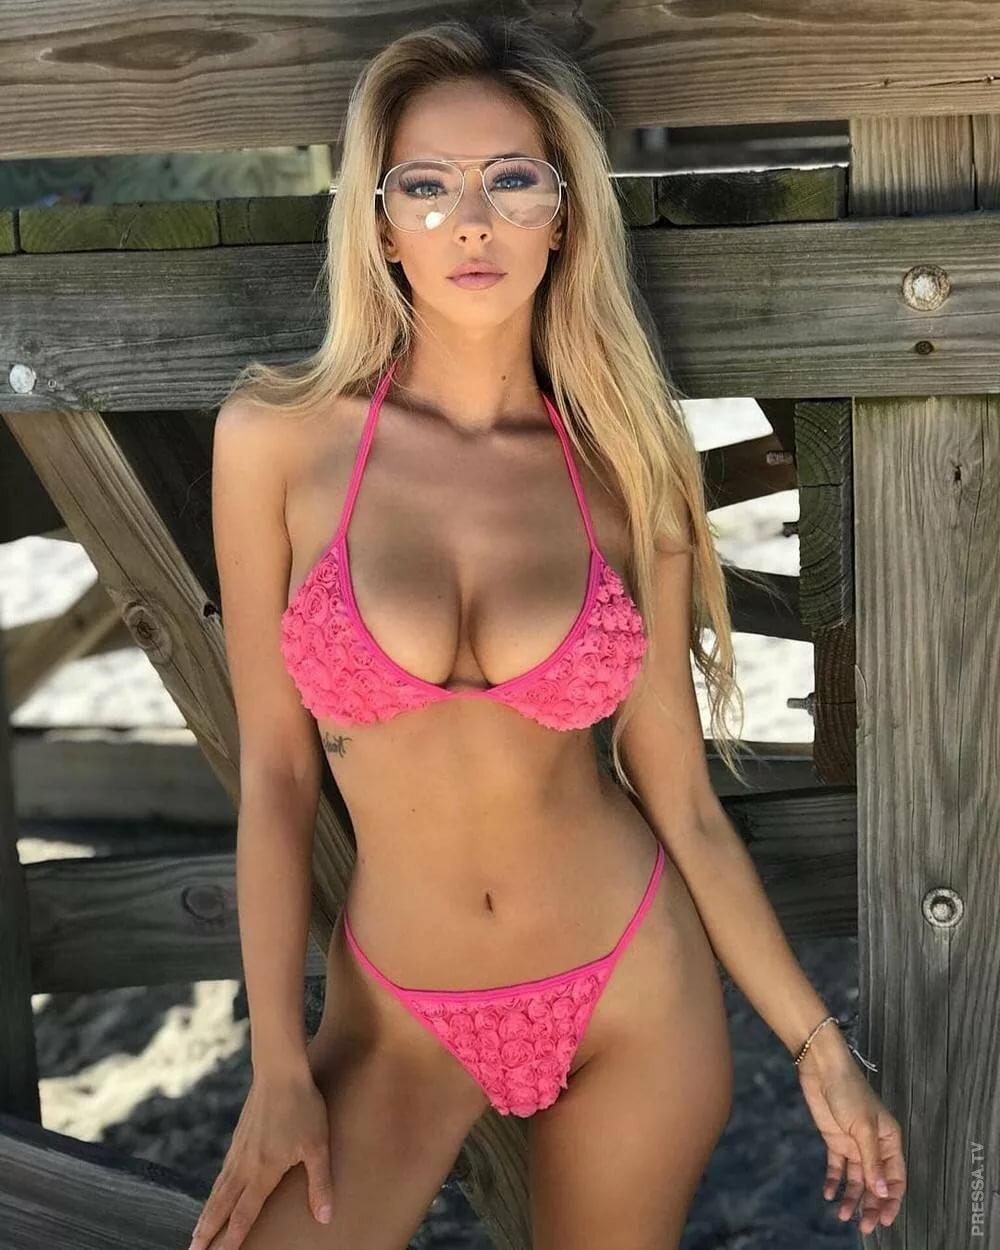 Petite Blond Pornstar